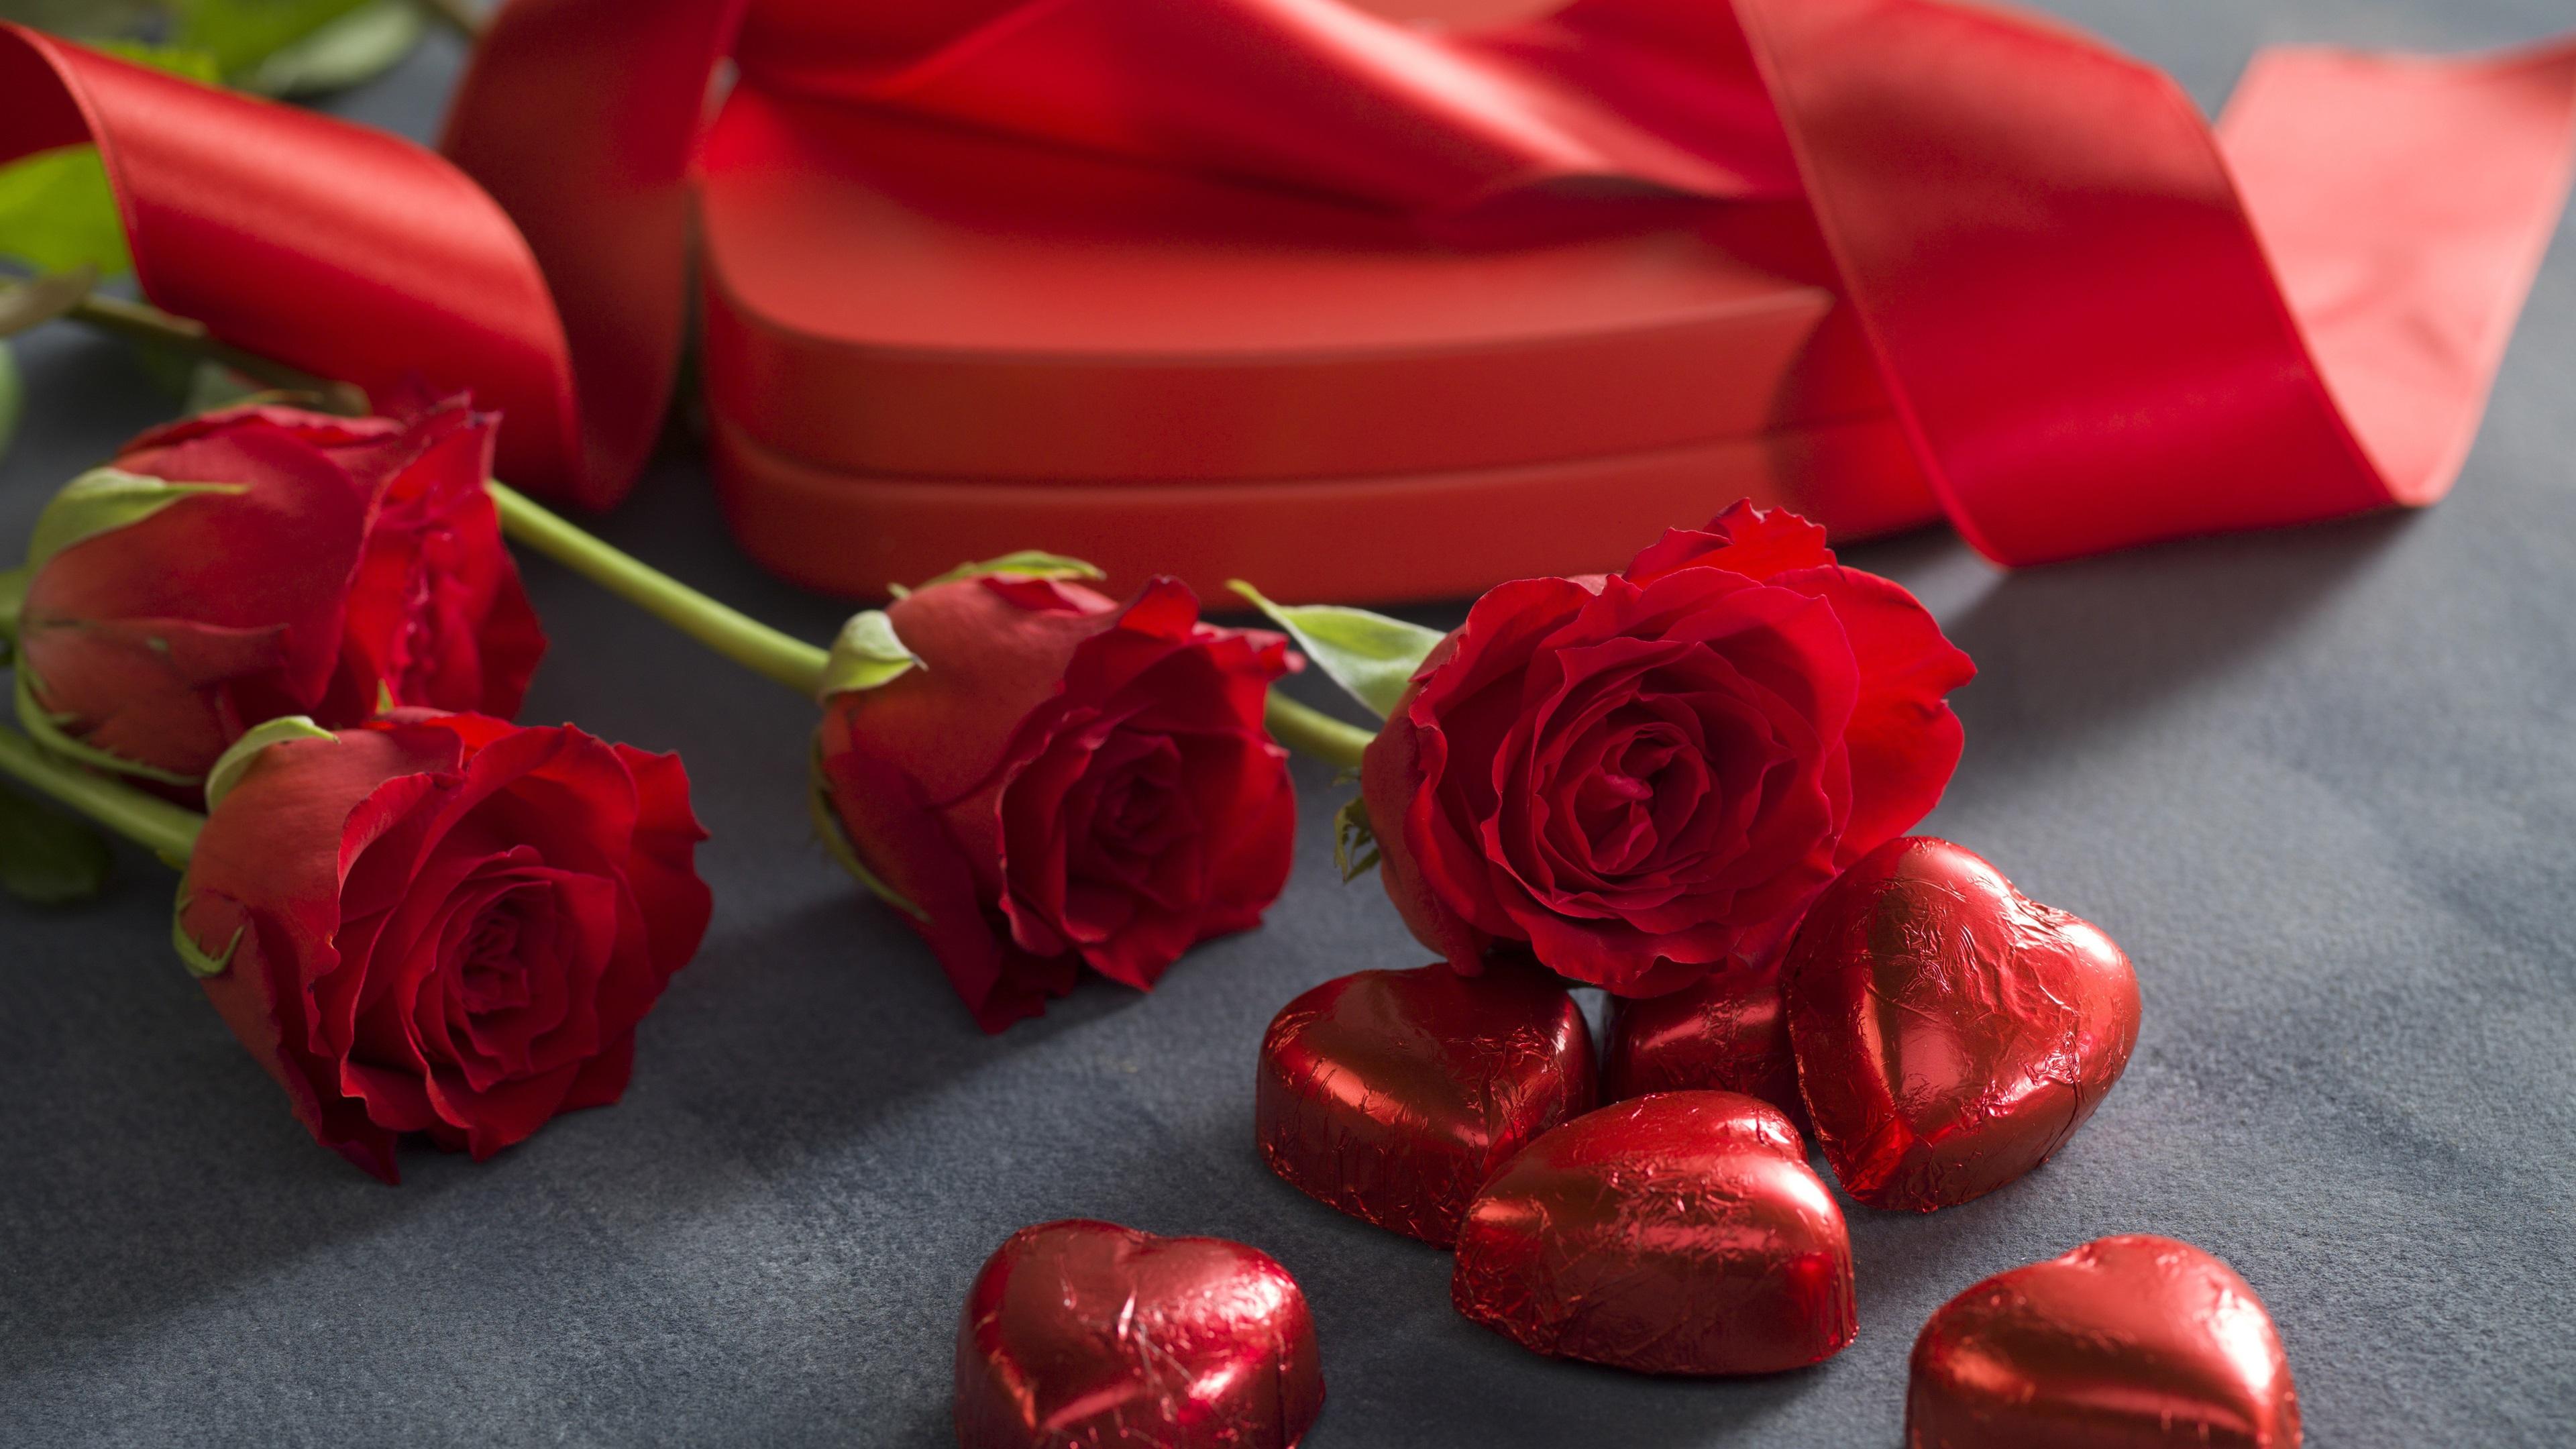 Fondos De Pantalla De Chocolates: Fondos De Pantalla Rosas Rojas, Amor Corazón Dulce